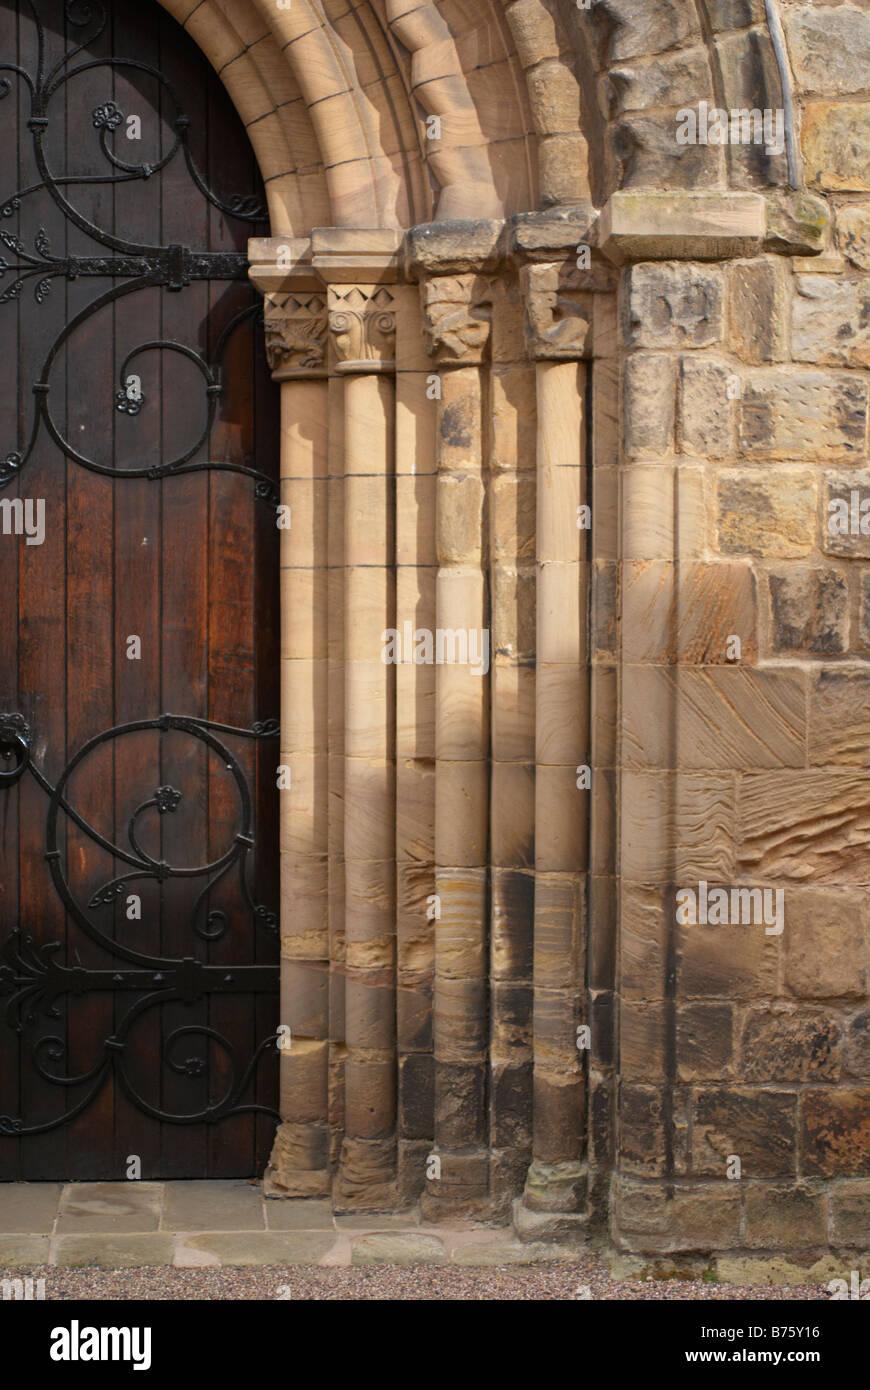 Impresionante Grandes Puertas De Madera Con Arco De Piedra Detallada